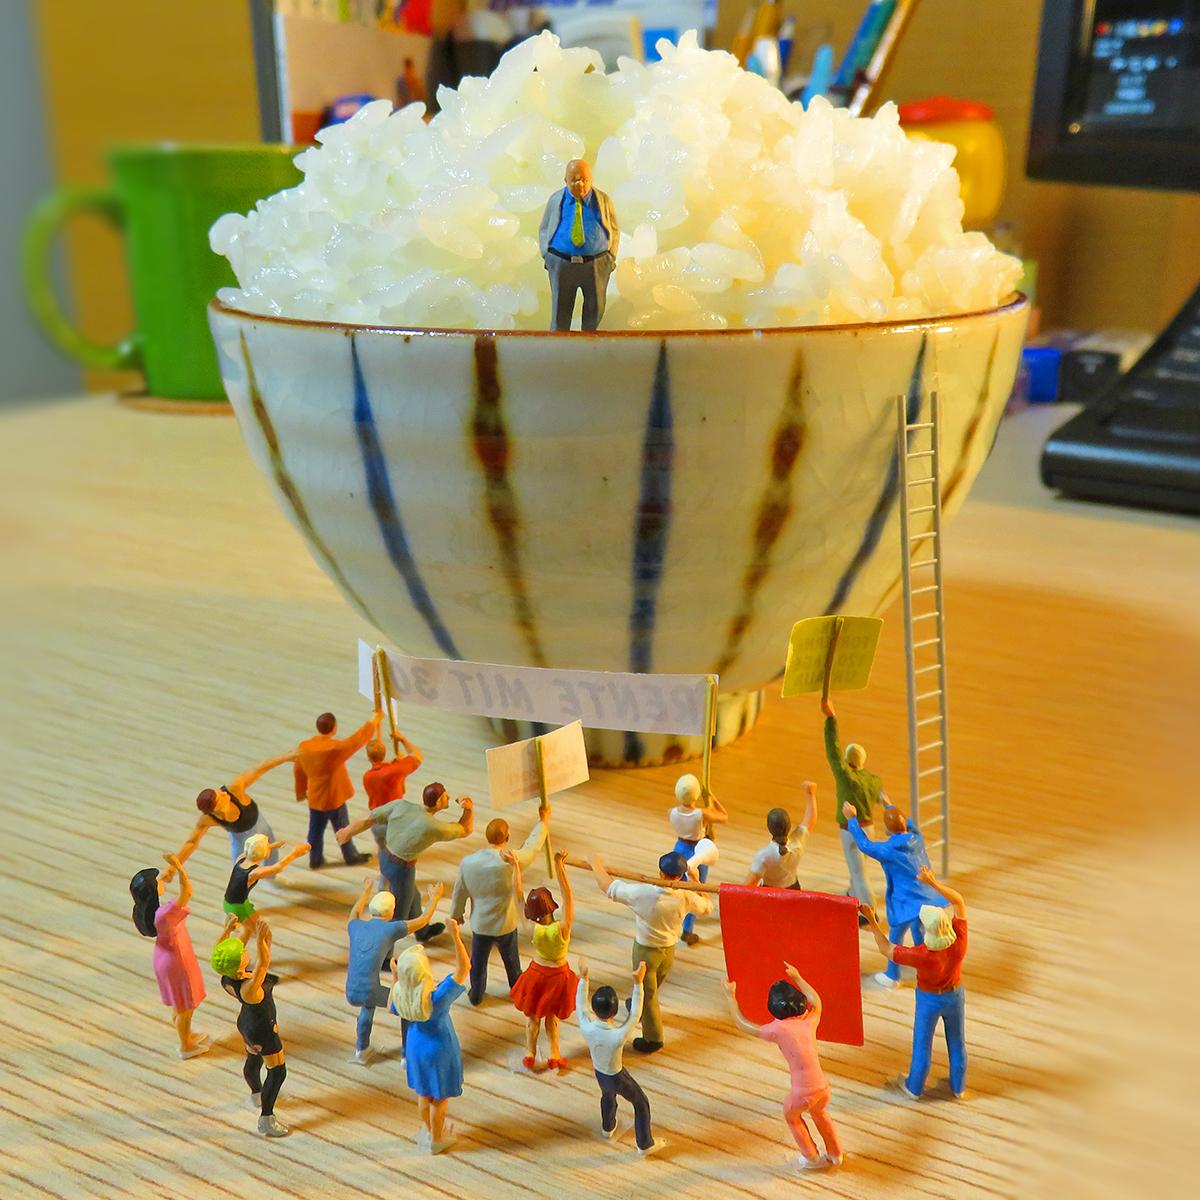 7月23日は米騒動の日!ご飯を独り占めする富裕層とデモをする人達